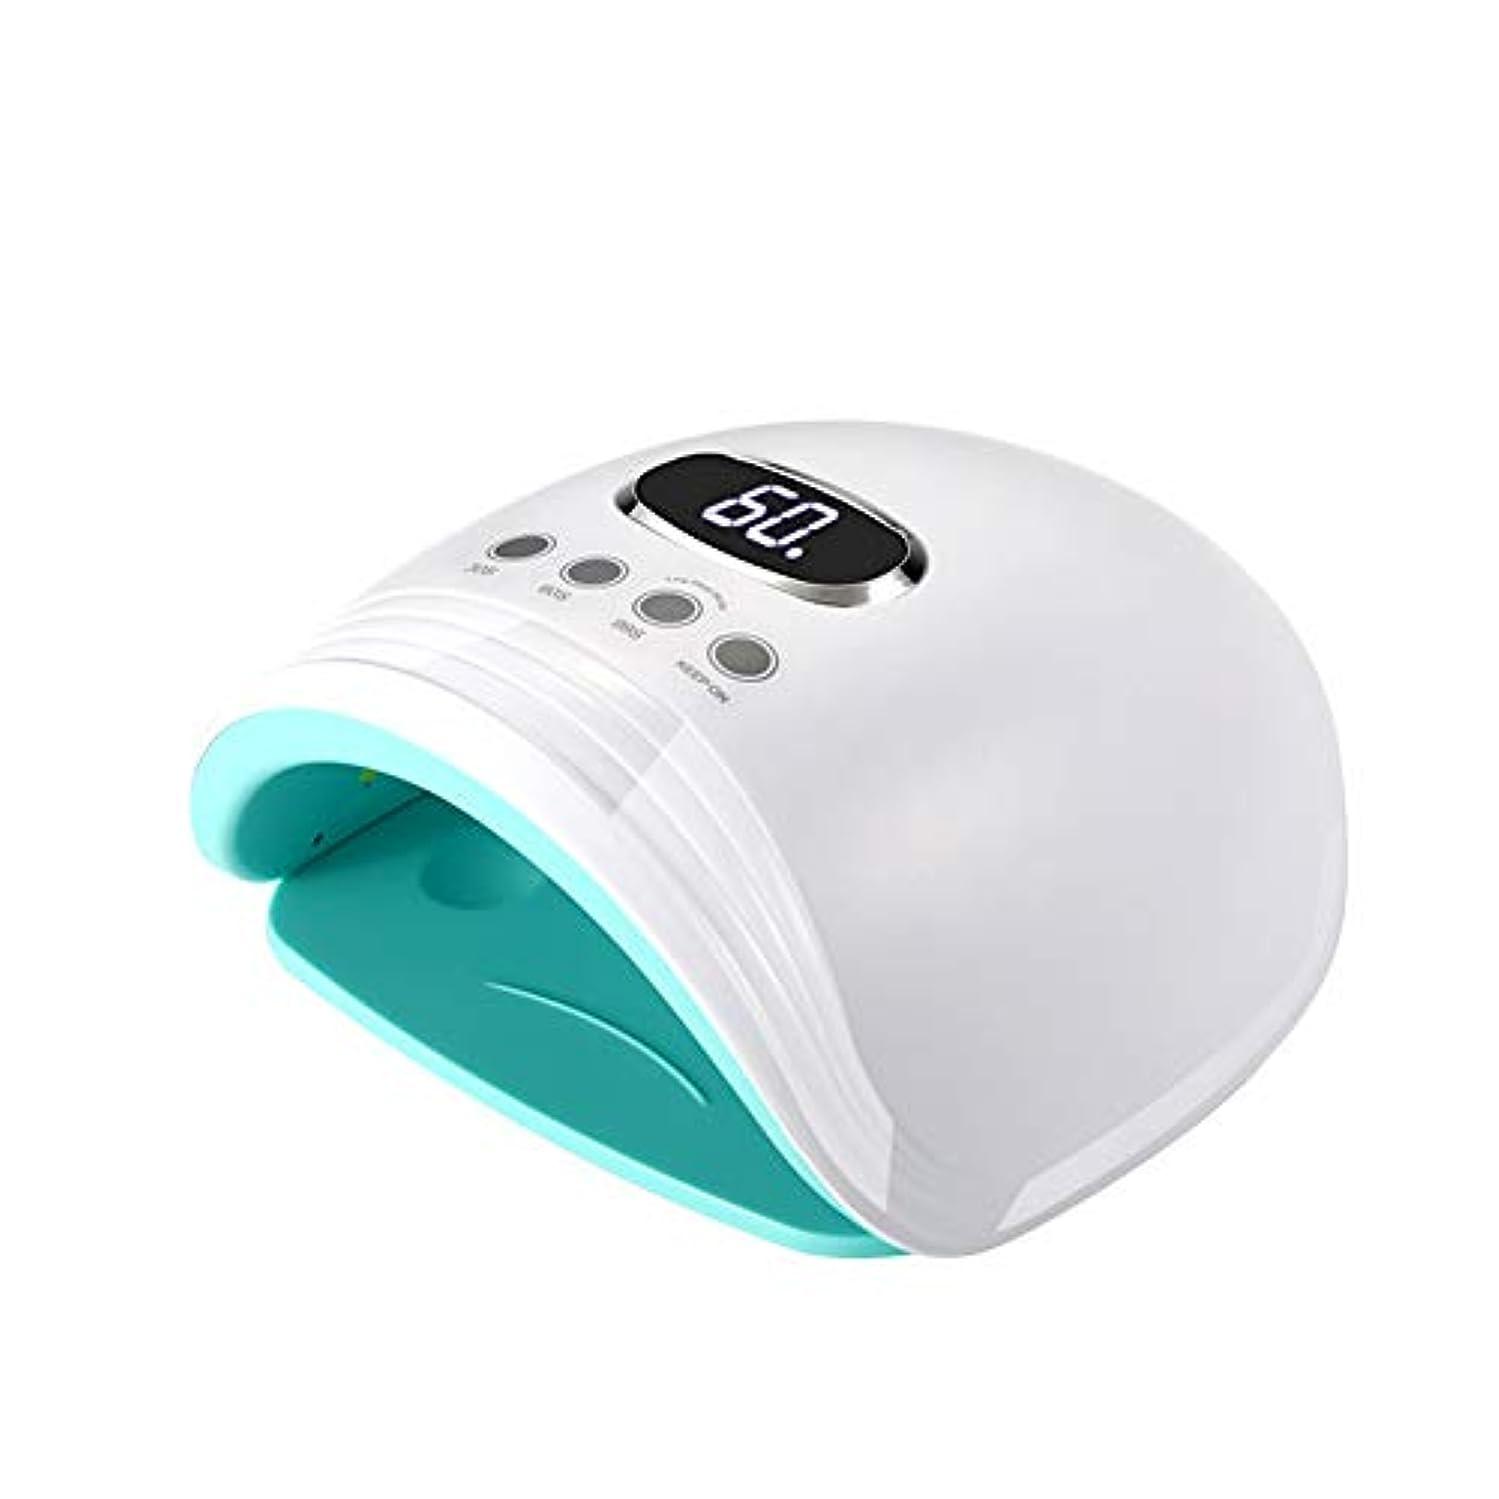 パドル生き残りますキャラクターホワイトニングネイル光線療法機60W /赤外線センサー/ダブルライト